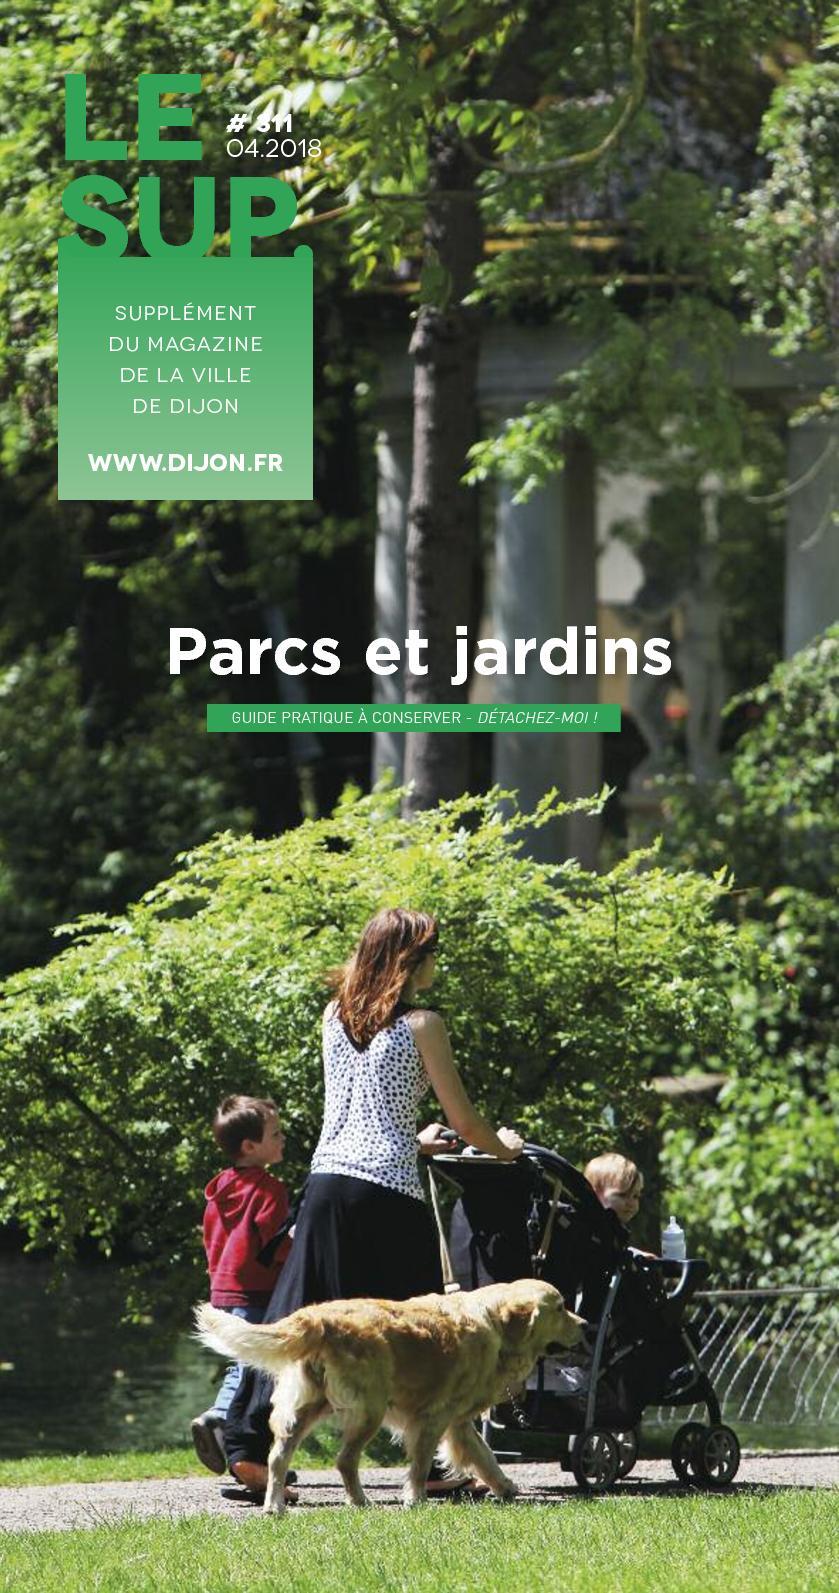 37 Quai Gauthey Dijon calaméo - dijon mag 311 supp parc et jardins-avril 2018